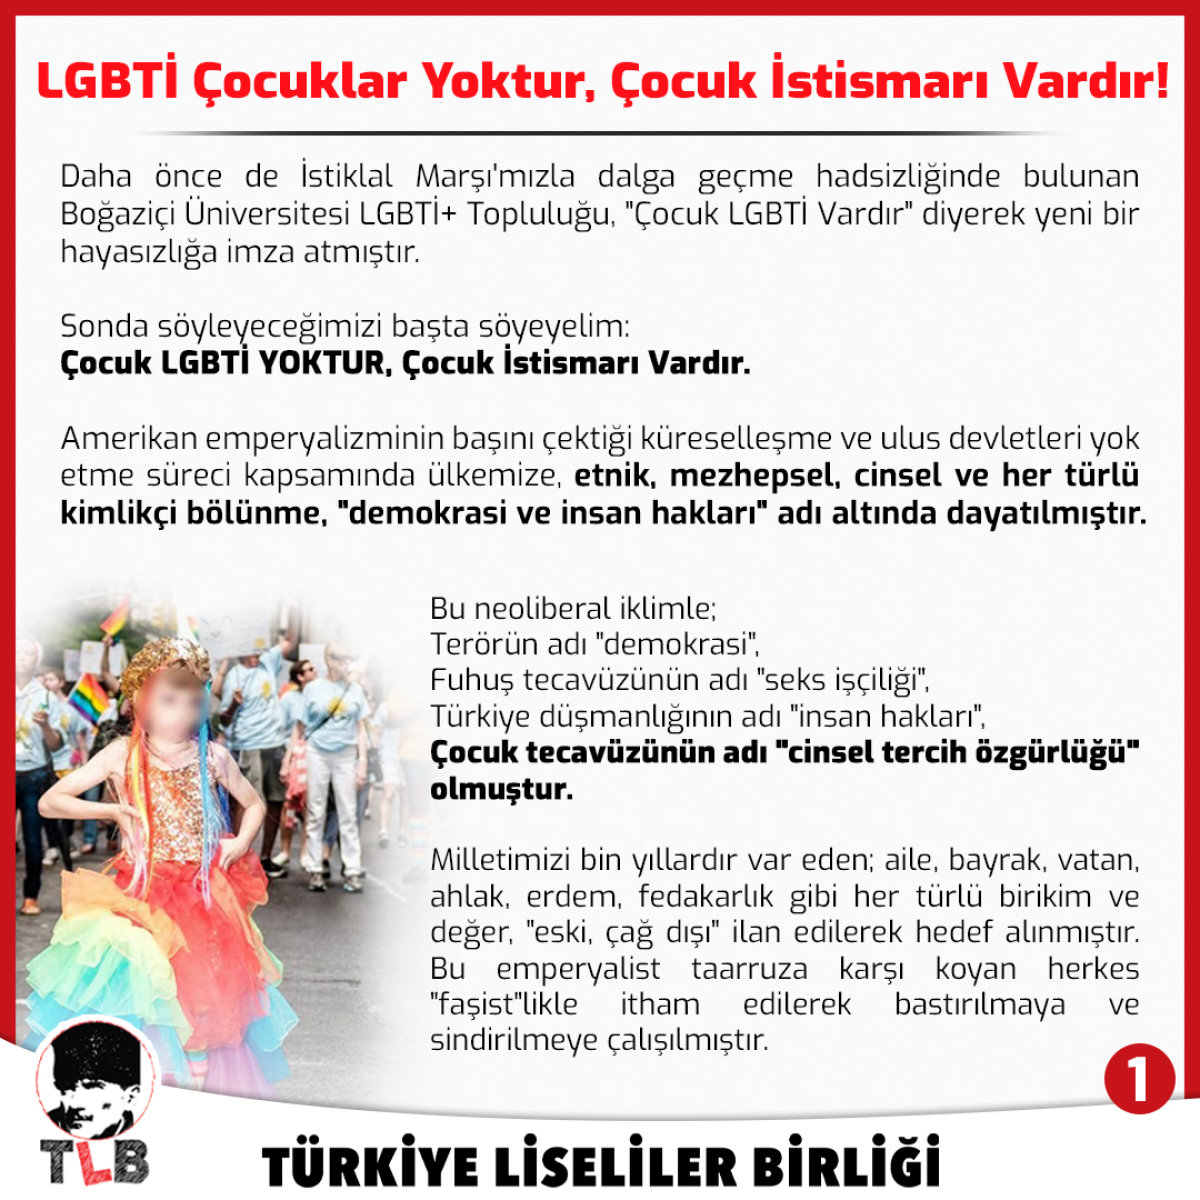 LGBTİ Çocuk Yoktur, Çocuk İstismarı Vardır